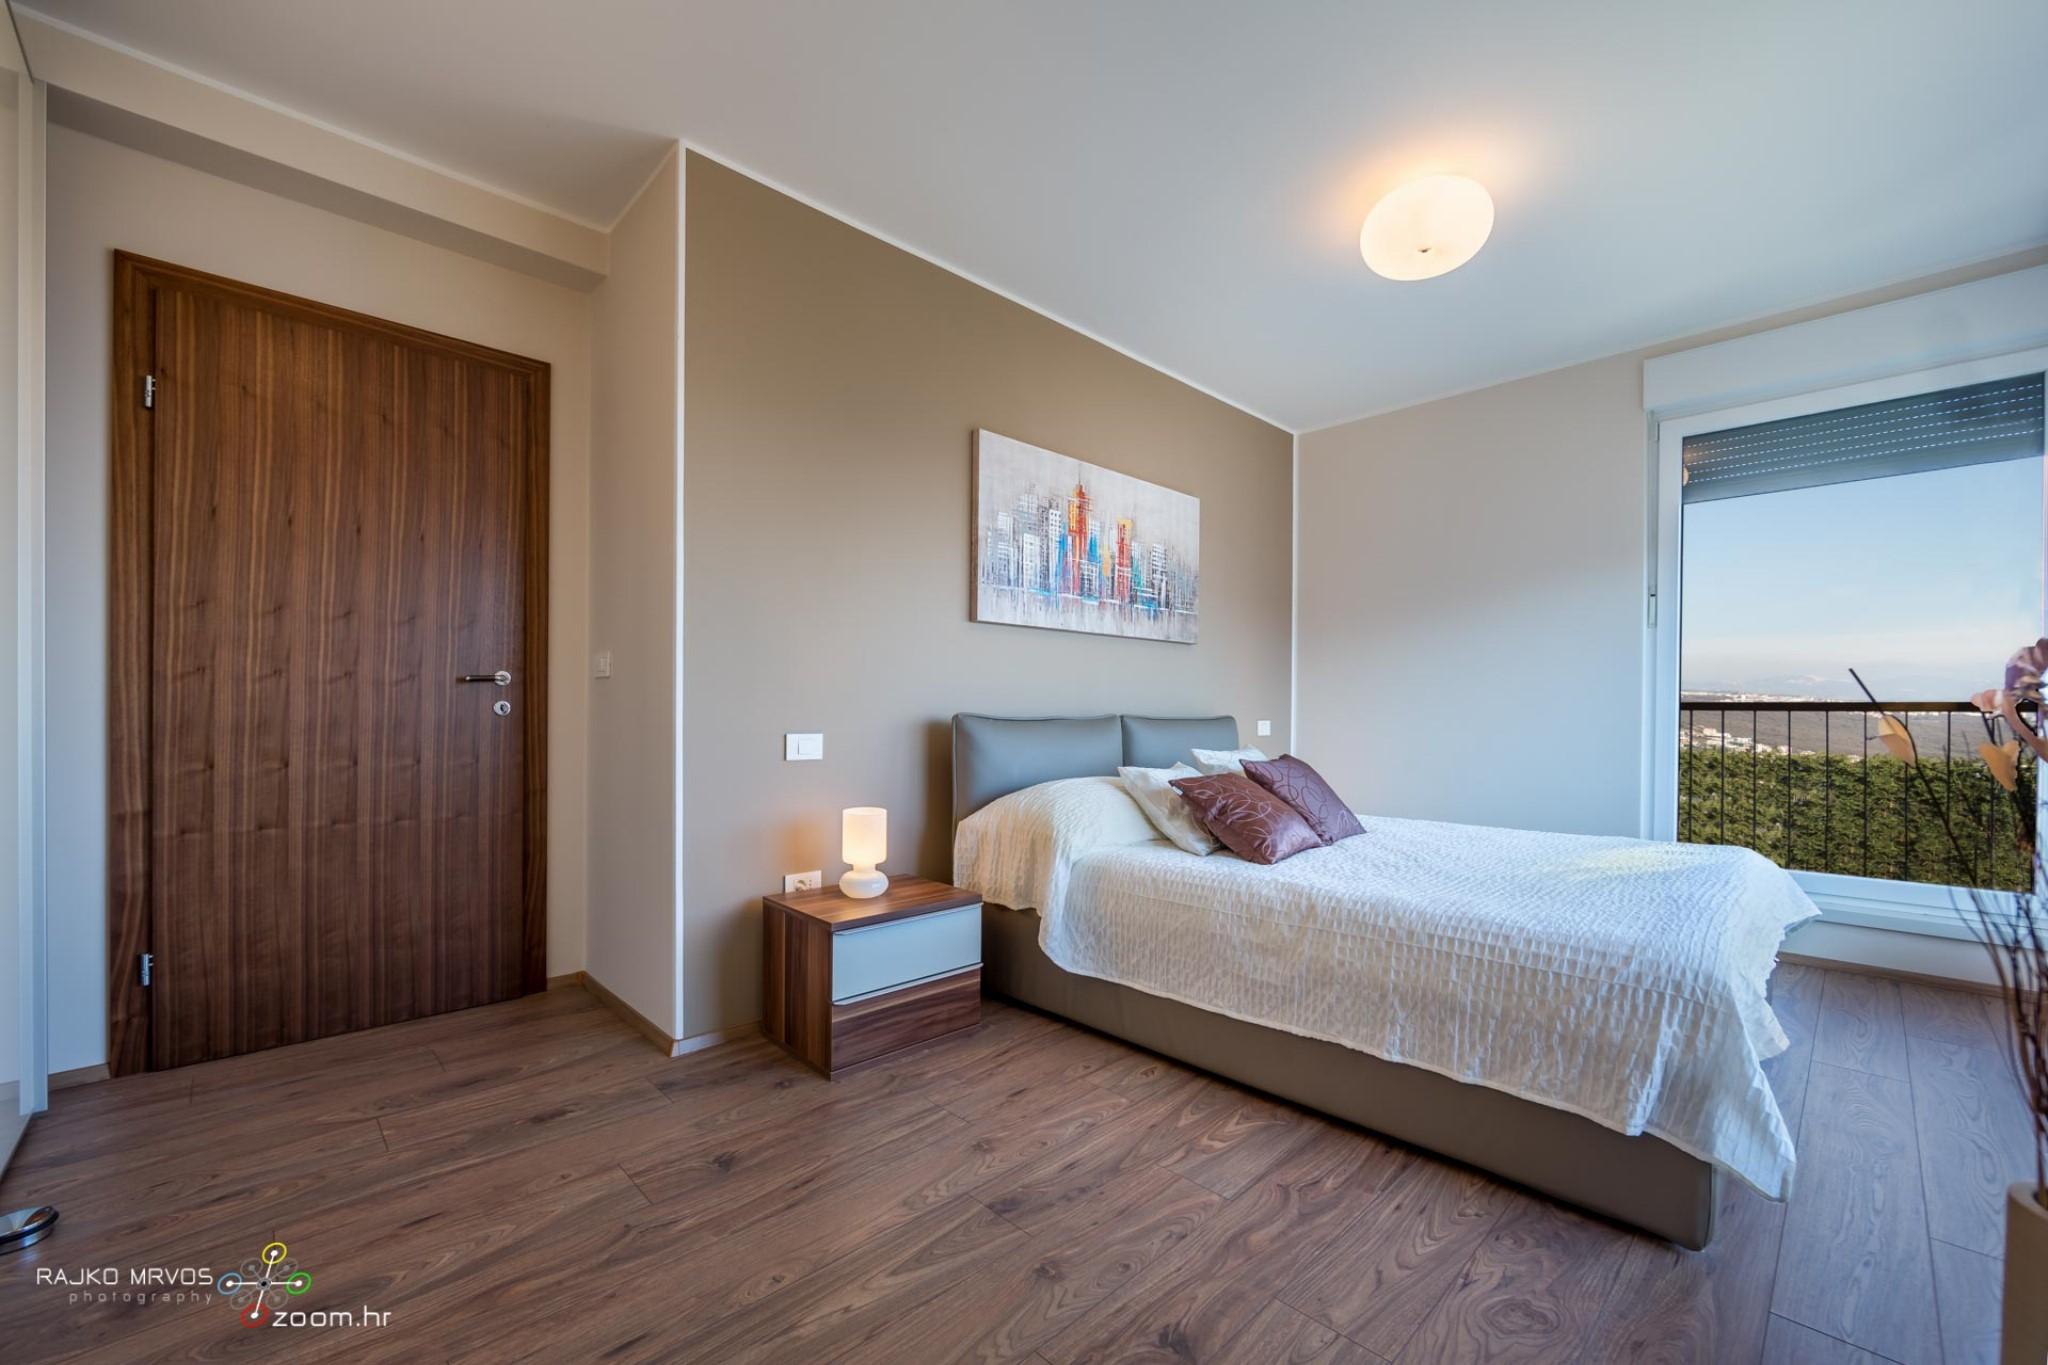 fotografiranje-interijera-fotograf-eksterijera-apartmana-vila-kuca-hotela-apartman-Pobri-Opatija-7